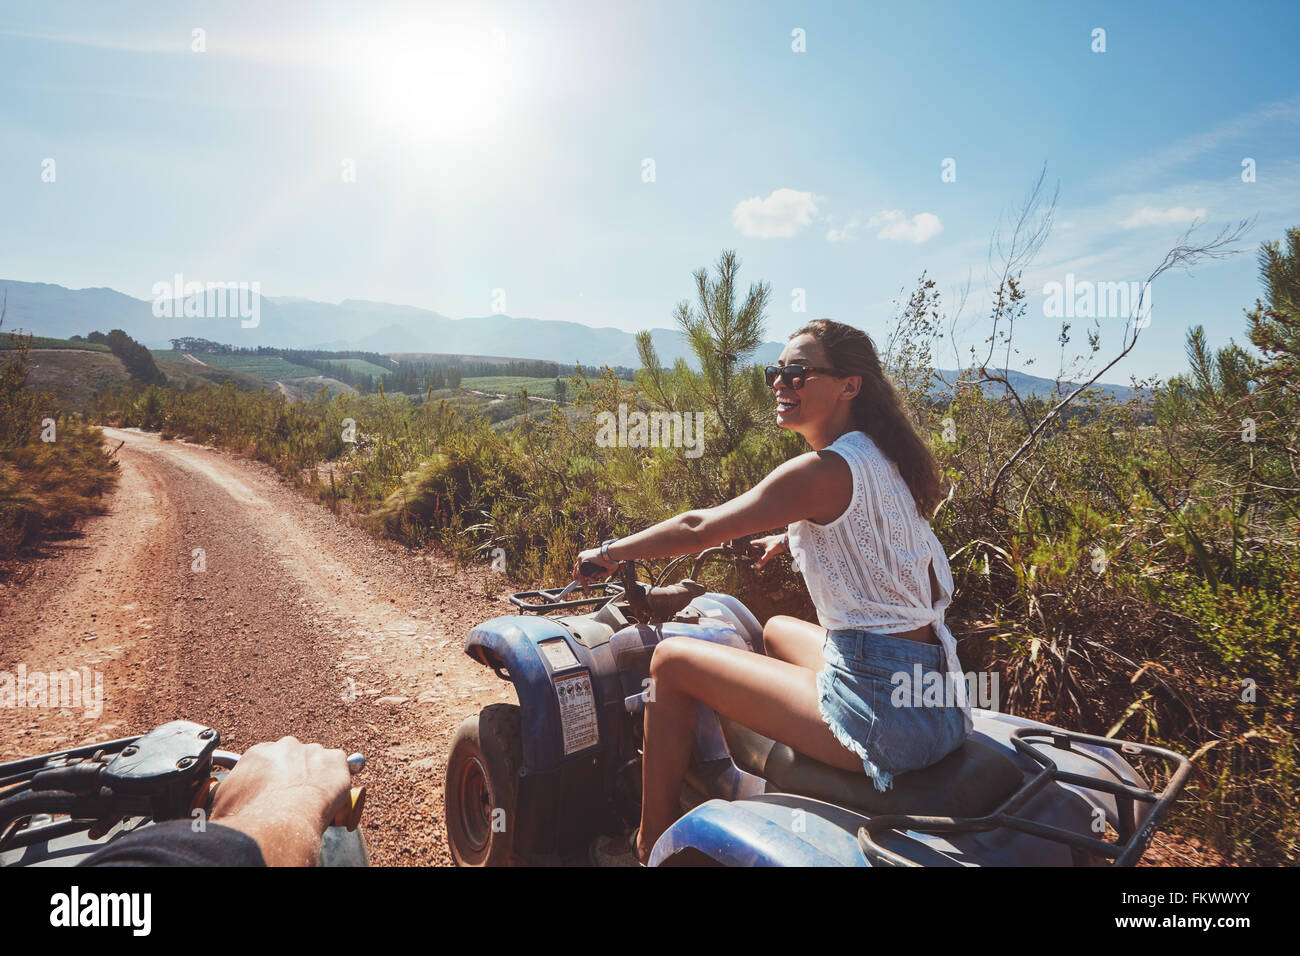 Mujer joven en quad por un sendero. Mujer joven de conducción de vehículos todo terreno en la naturaleza Imagen De Stock